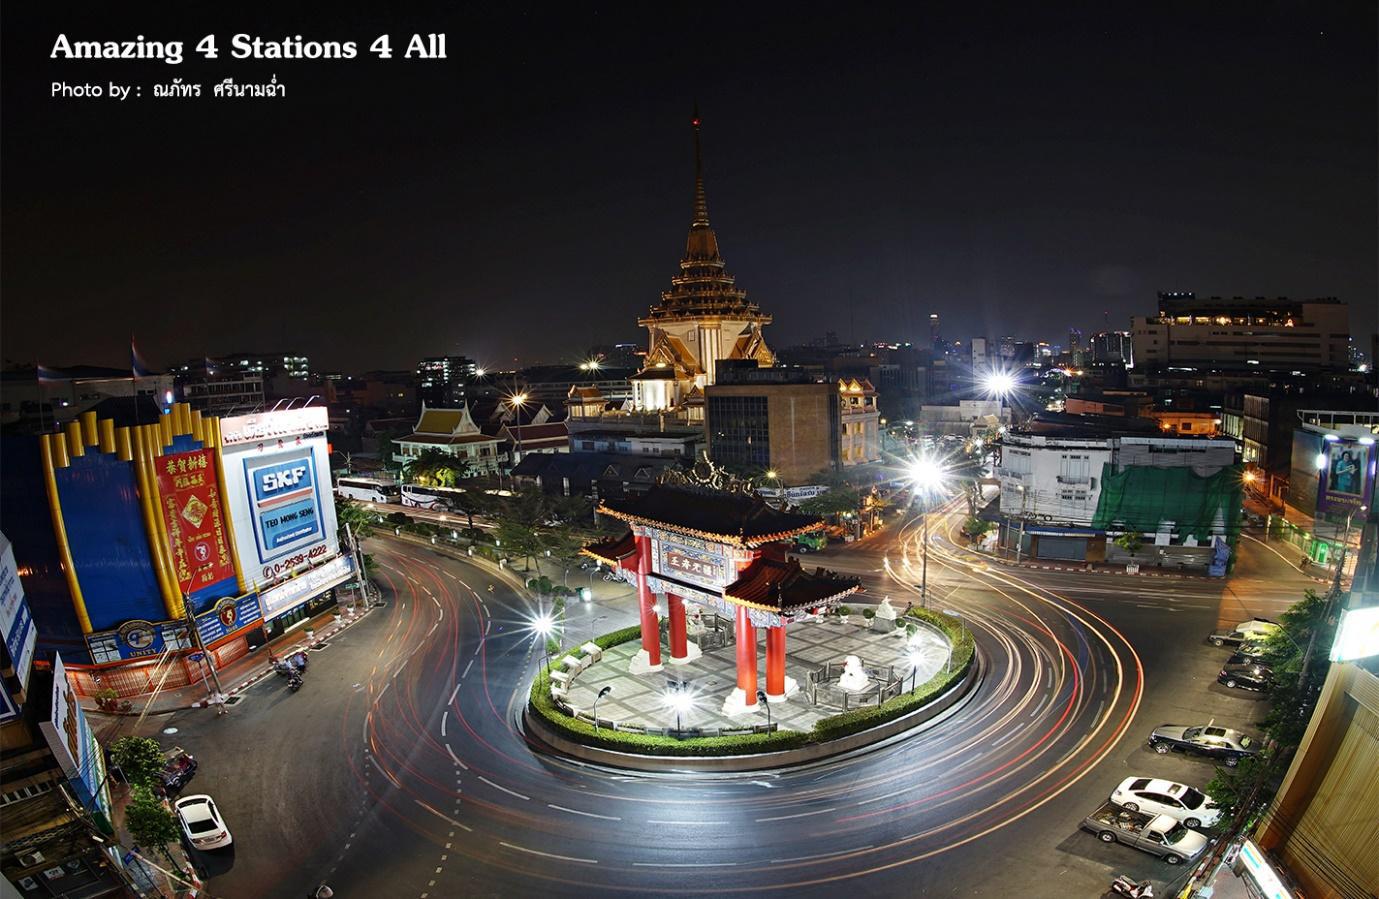 Chờ ngày hết dịch, mình hẹn gặp nhau tại 5 ga tàu đi khắp Bangkok này bạn nhé! - Ảnh 7.